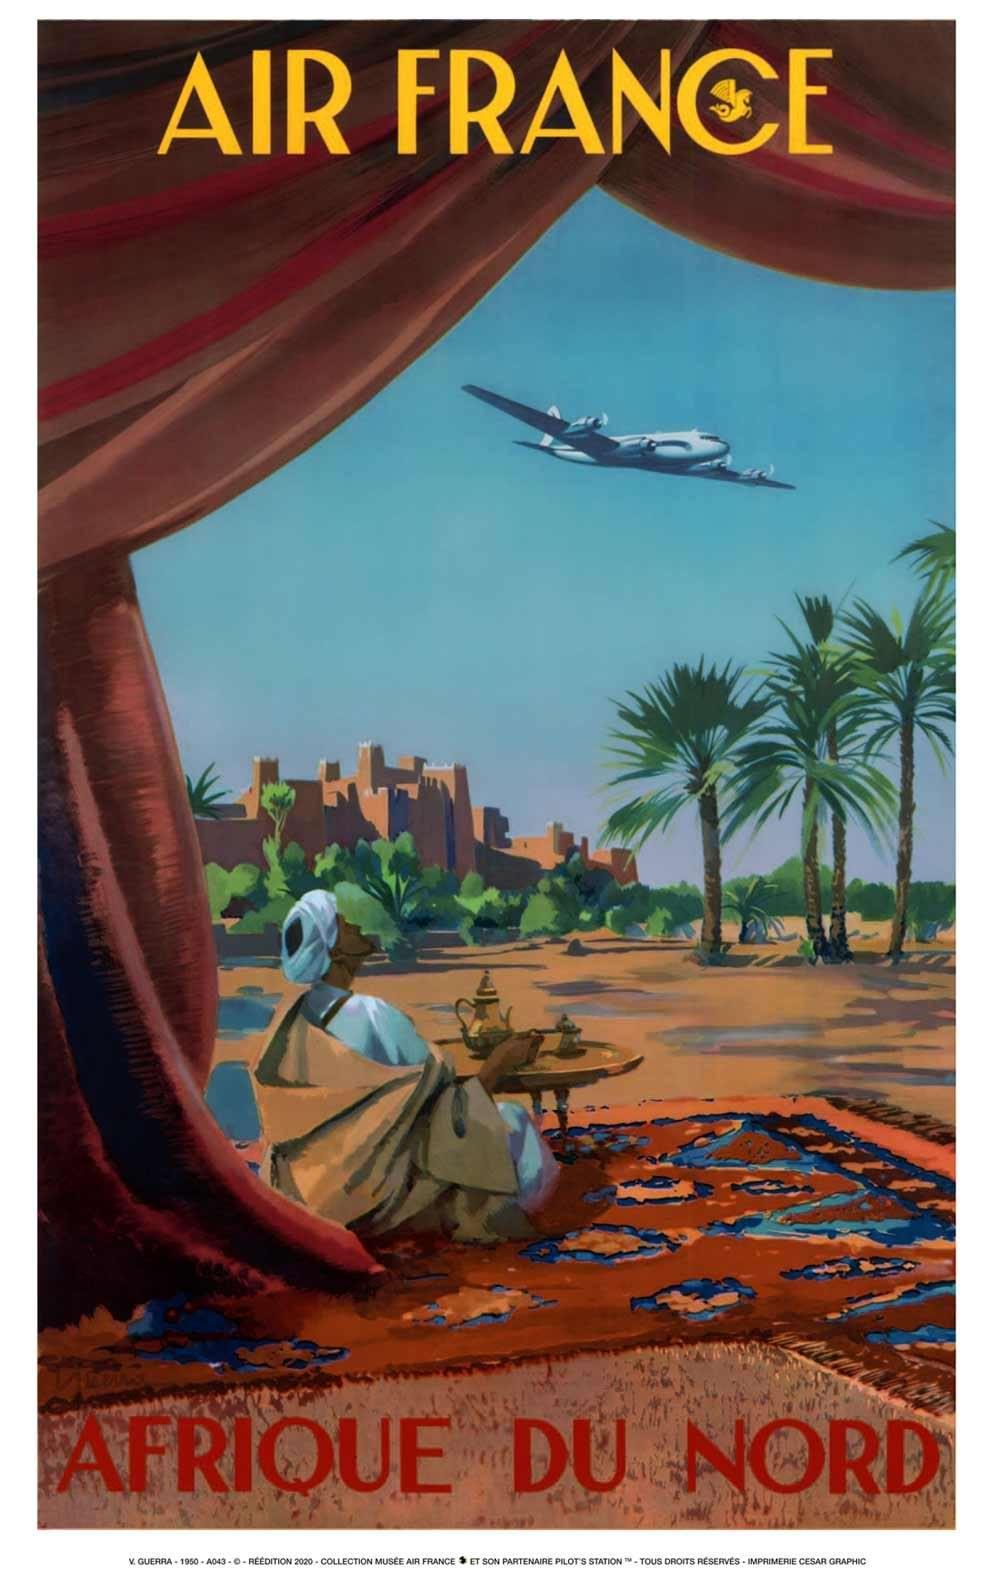 Affiche AIR FRANCE Afrique du Nord - Guerra 1950